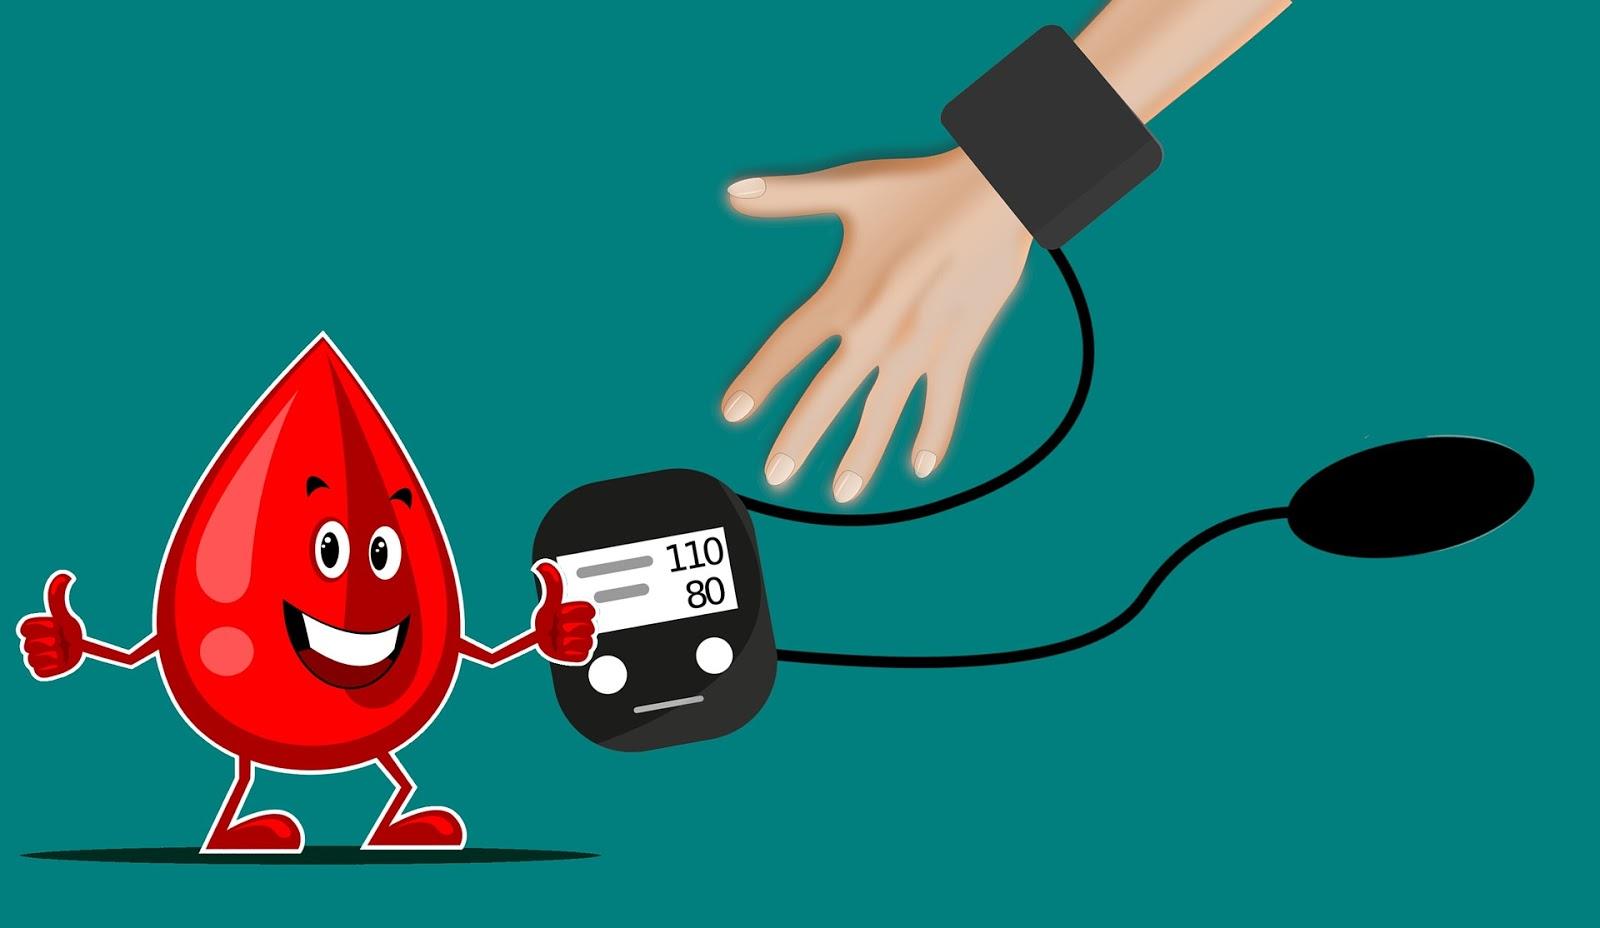 قياس ضغط الدم بالبصمة هل دقيق أم لا إليكم الإجابة زيادة